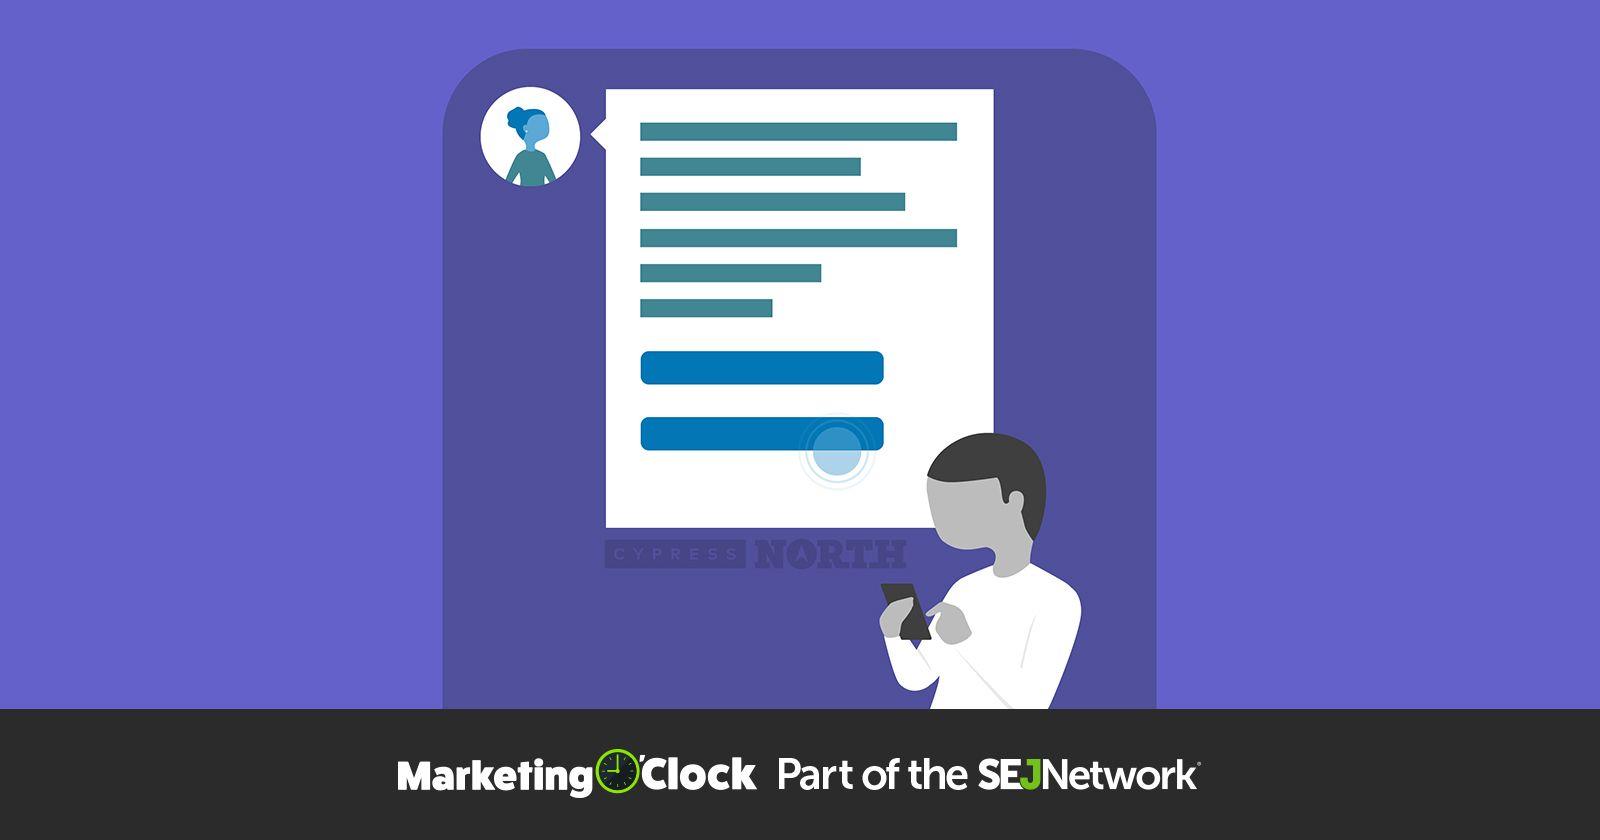 Đơn vị quảng cáo LinkedIn mới và tin tức tiếp thị kỹ thuật số từ ... 3